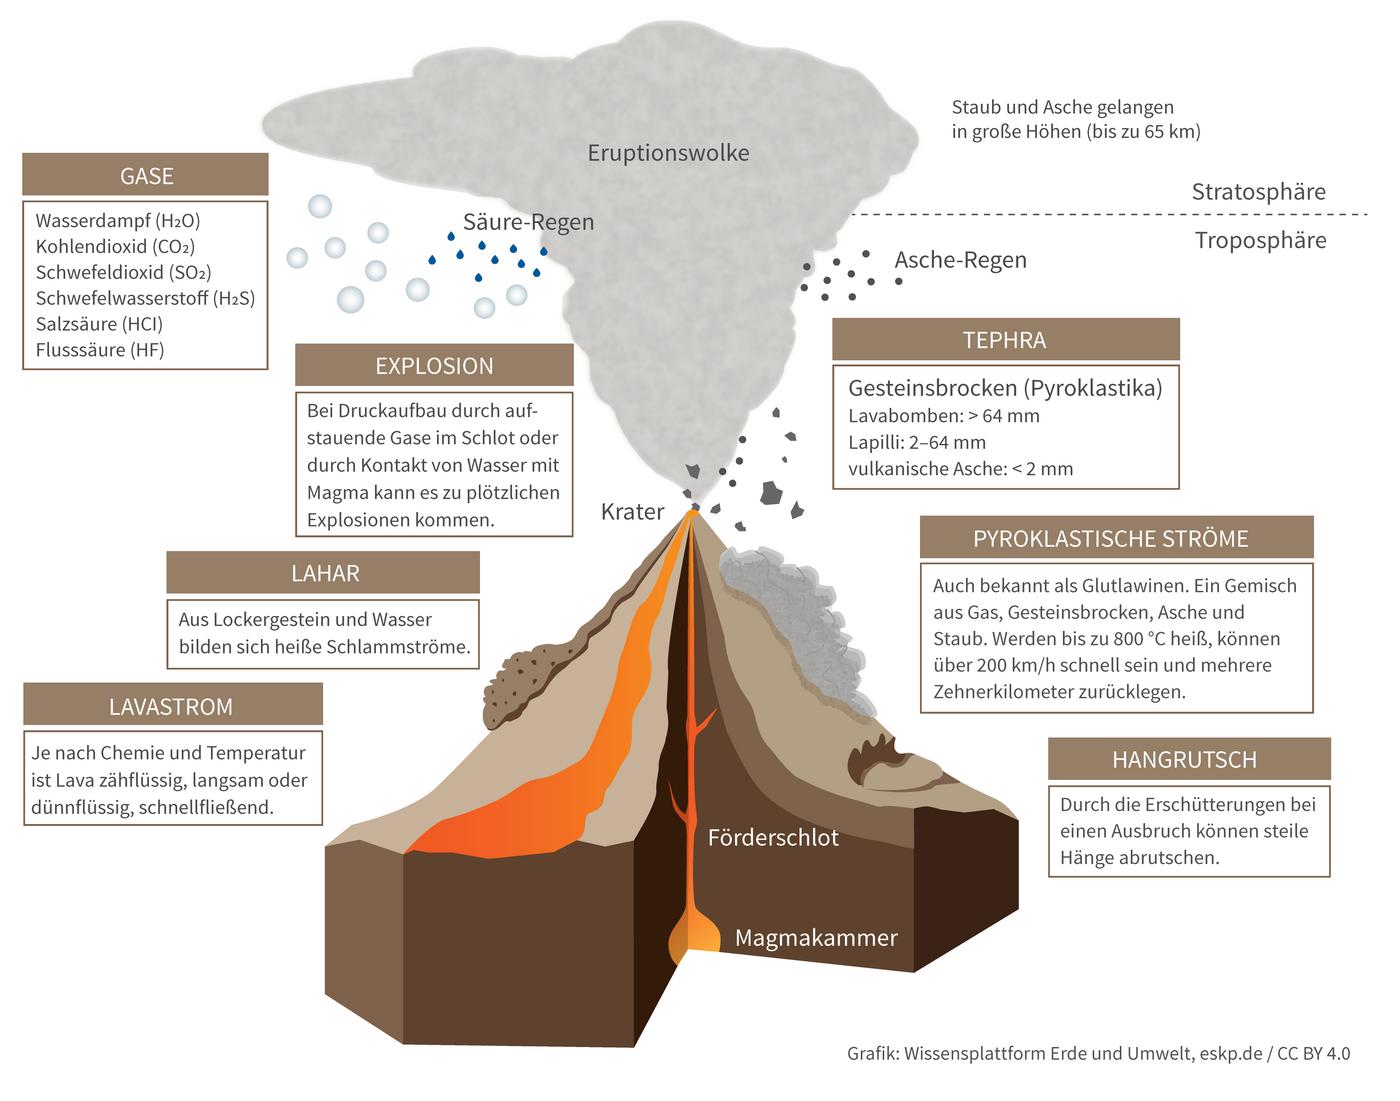 Übersicht über die Eruptionsprodukte bei Vulkanausbrüchen. (Grafik: Wissensplattform Erde und Umwel